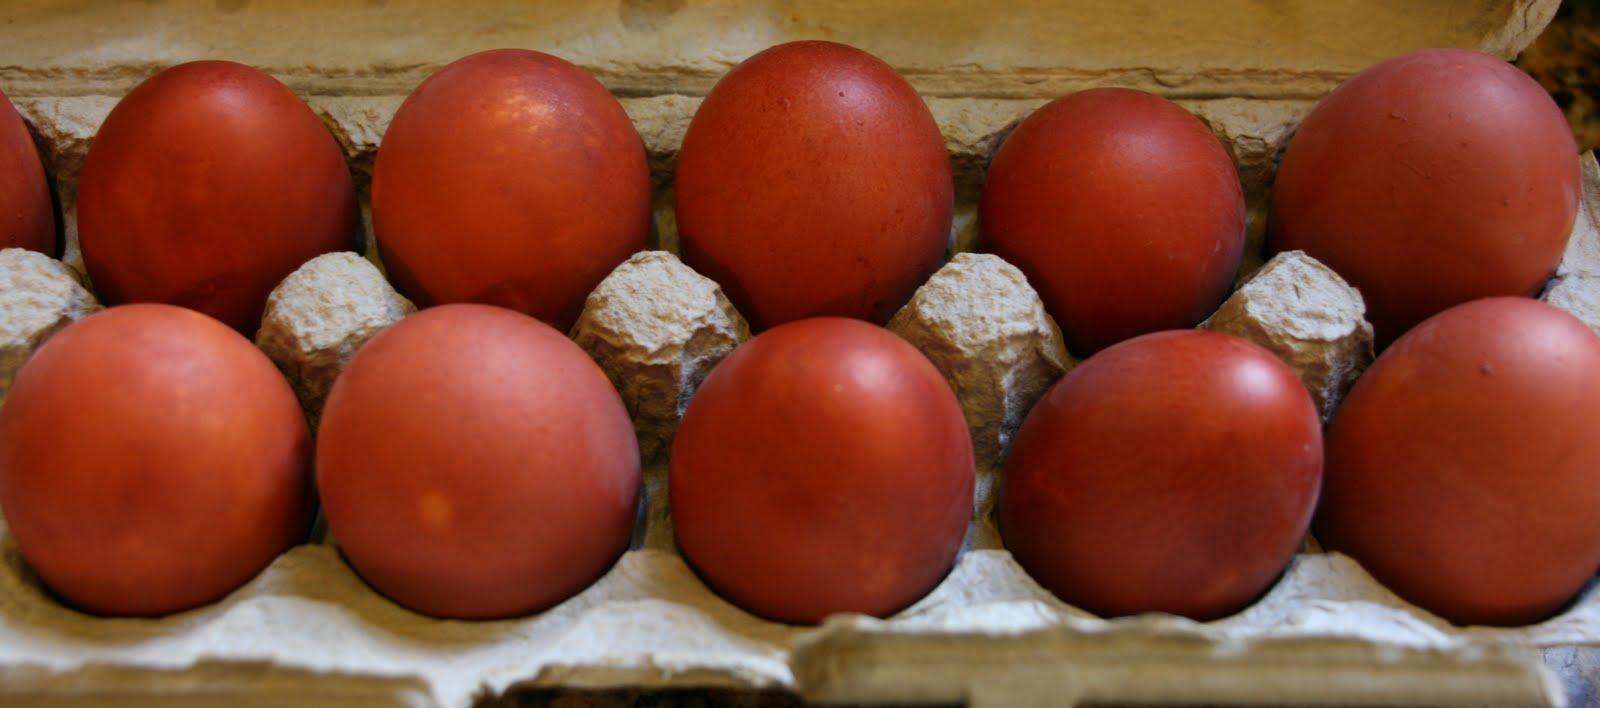 vignette design  natural dyed easter eggs